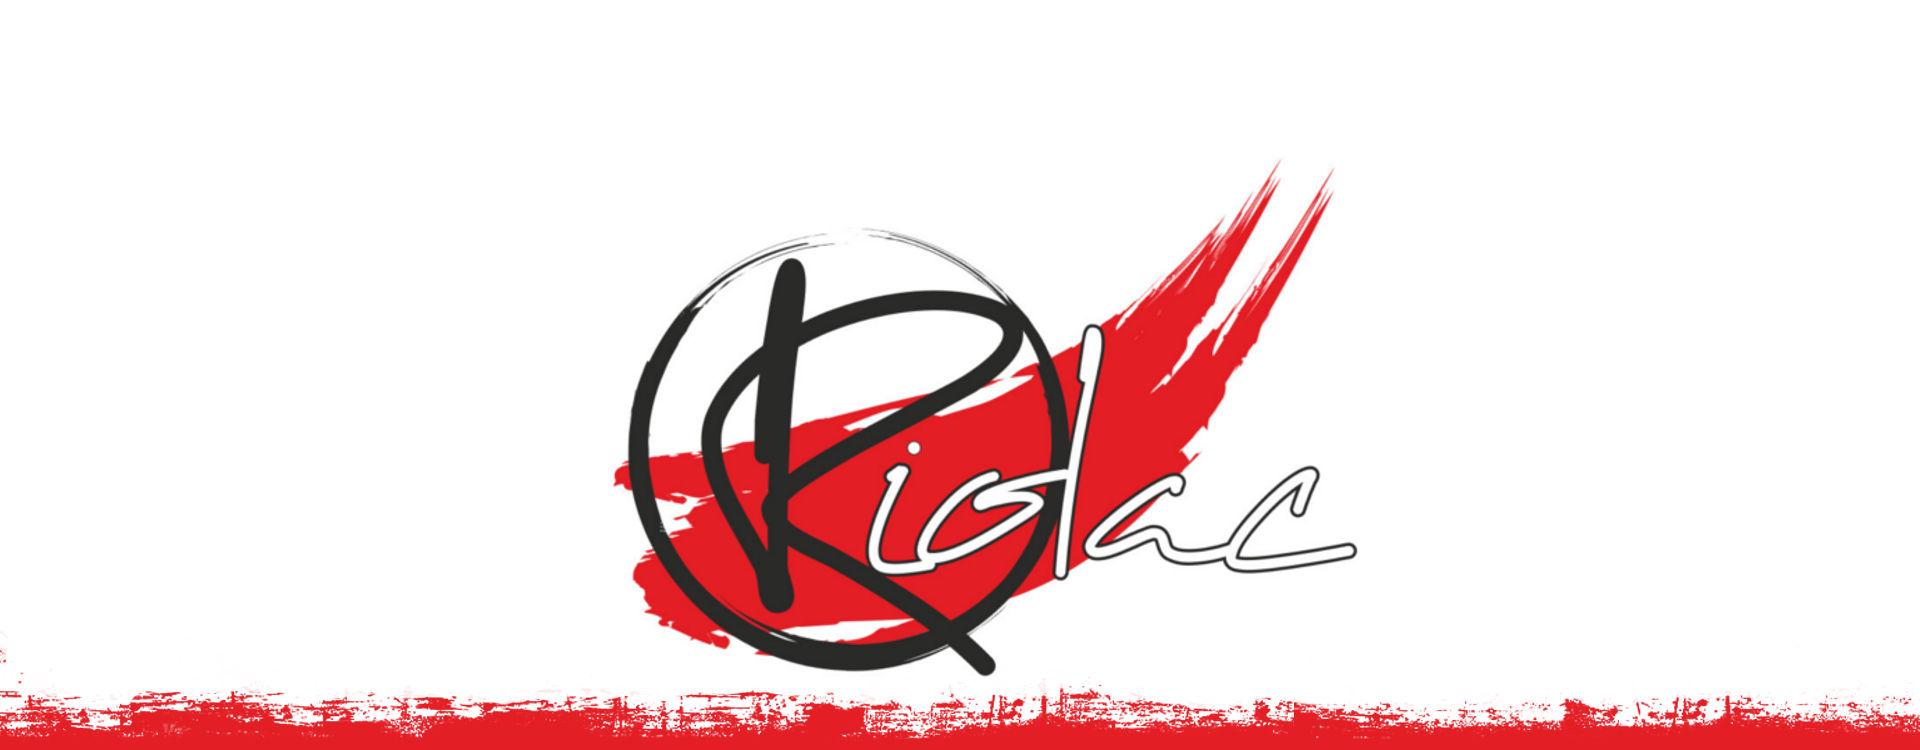 Riolac